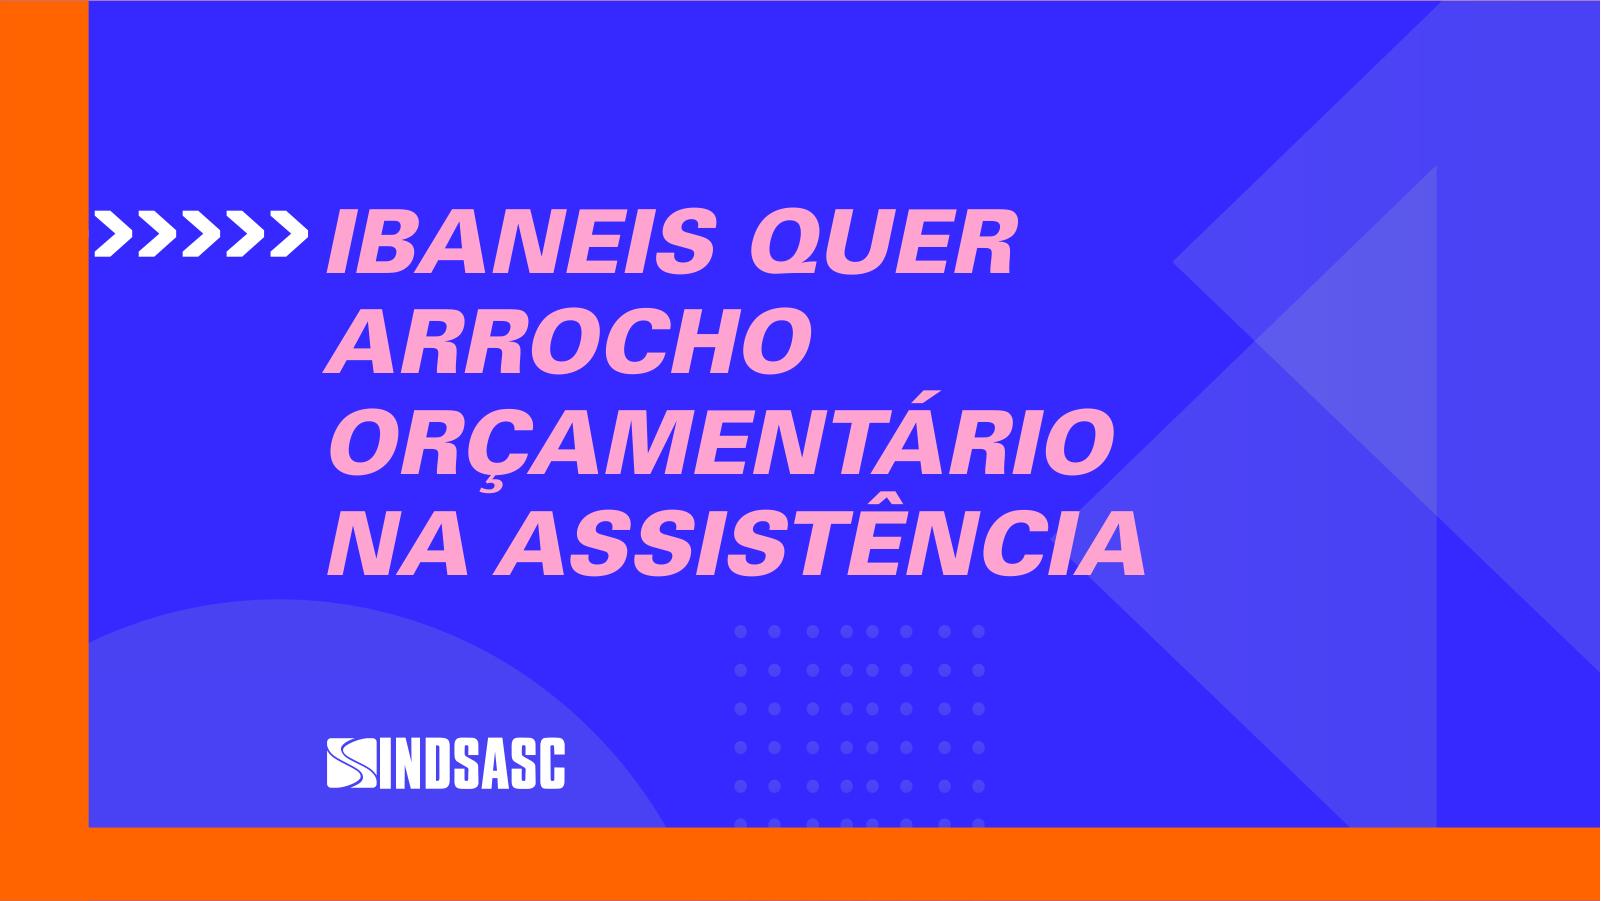 Ibaneis quer arrocho orçamentário na assistência social